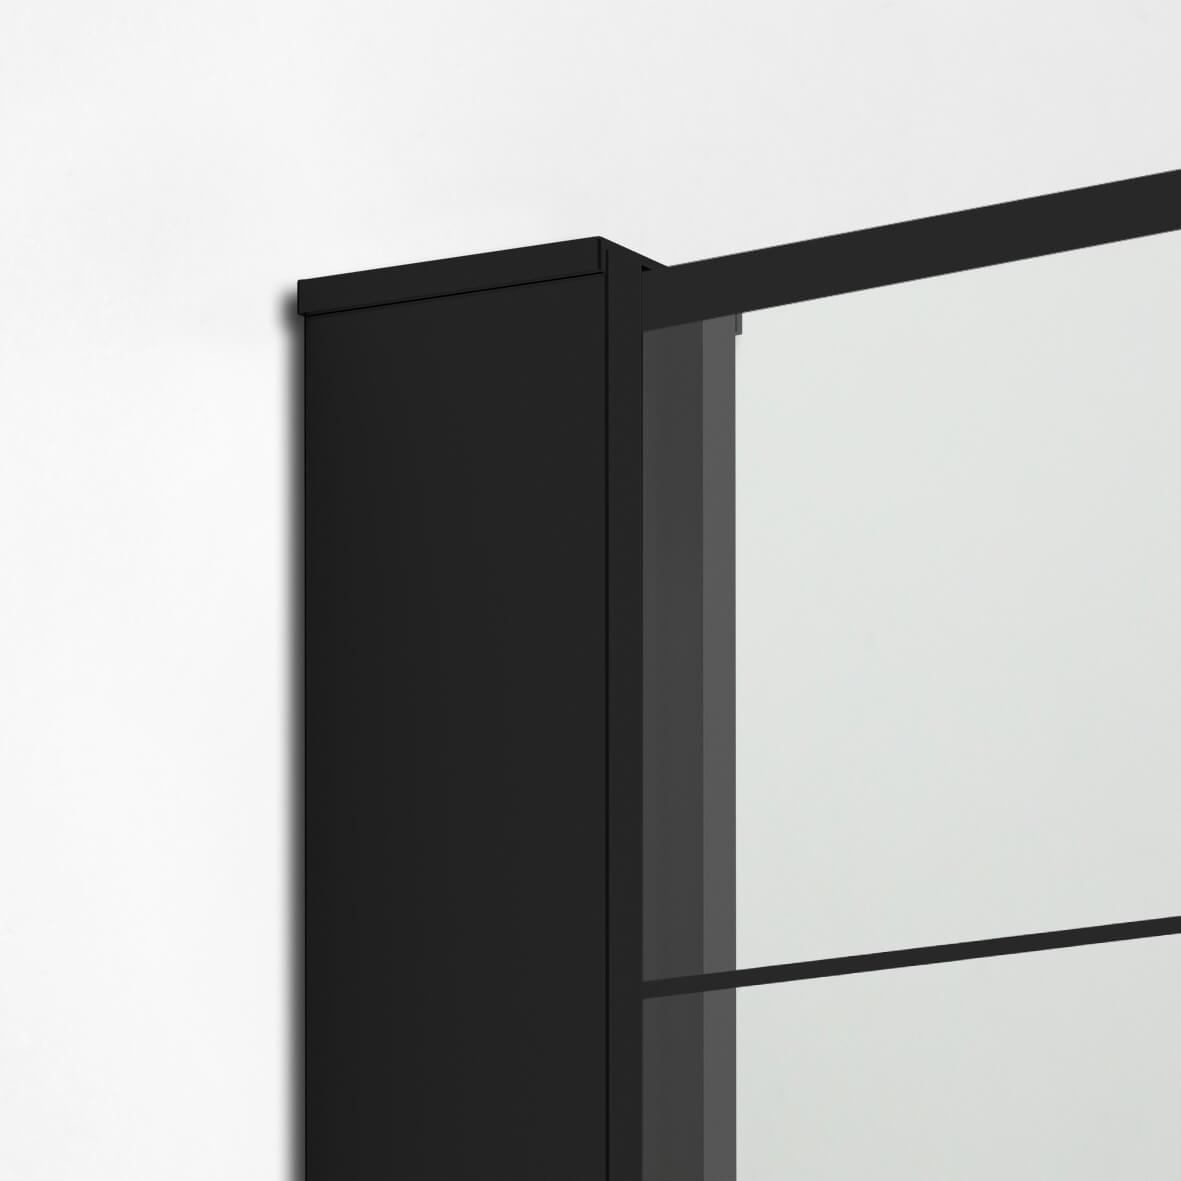 Ścianka prysznicowa 100x200 Modus Black - zbliżenie na detale.